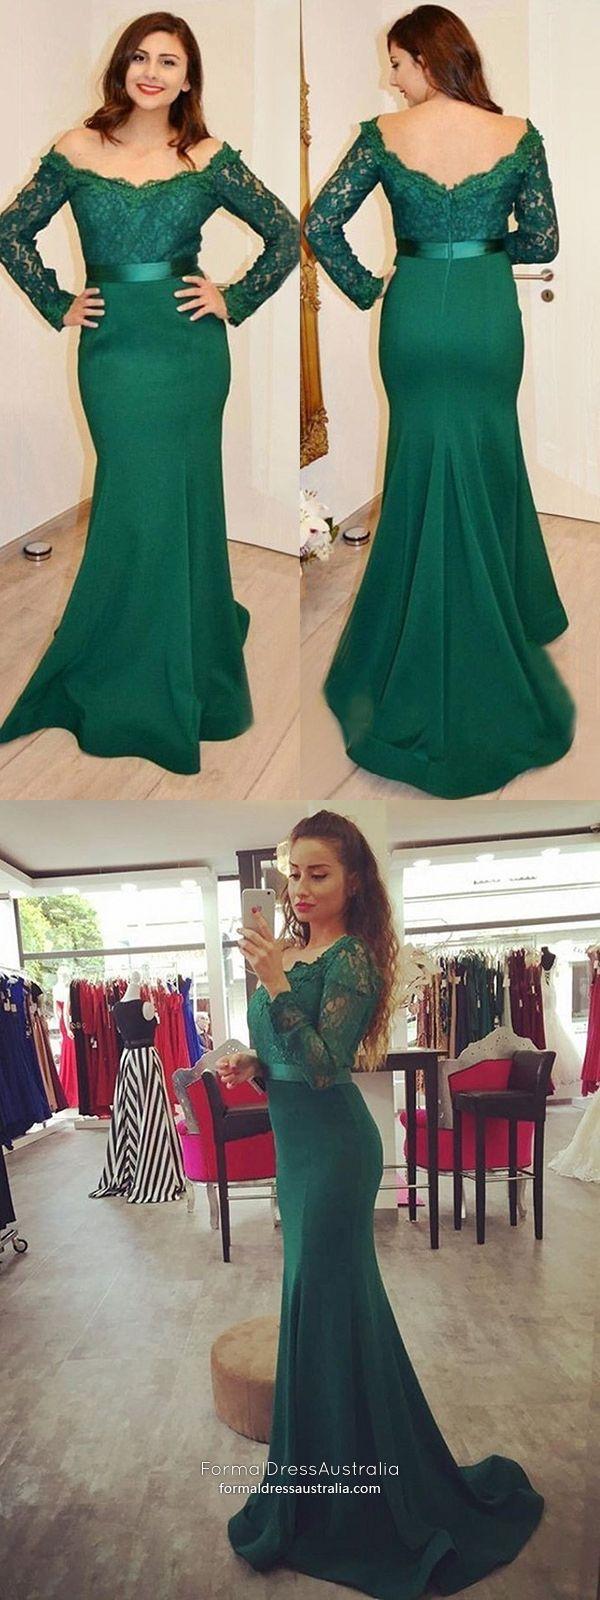 Long formal dresses mermaid dark green prom dresses with sleeves